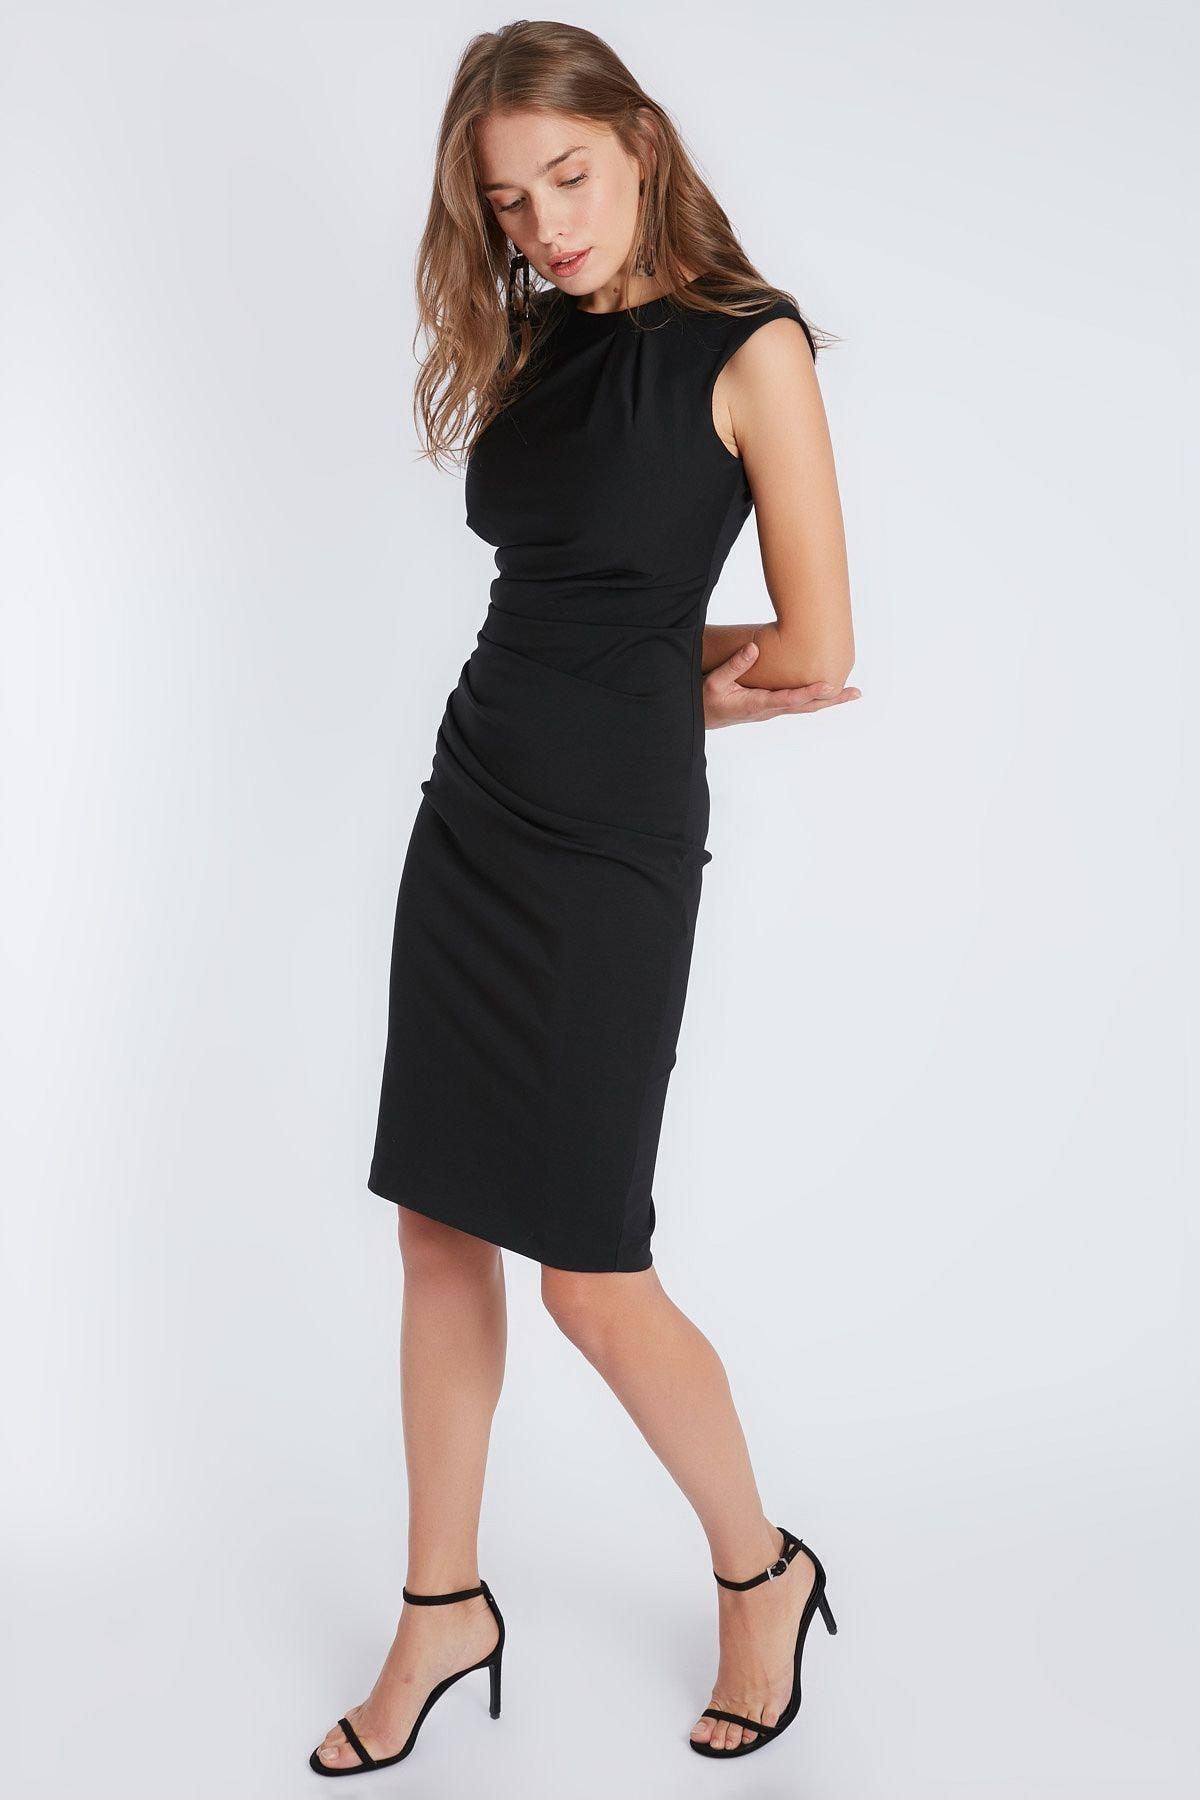 Home Store Kadın Siyah Elbise 19501091025